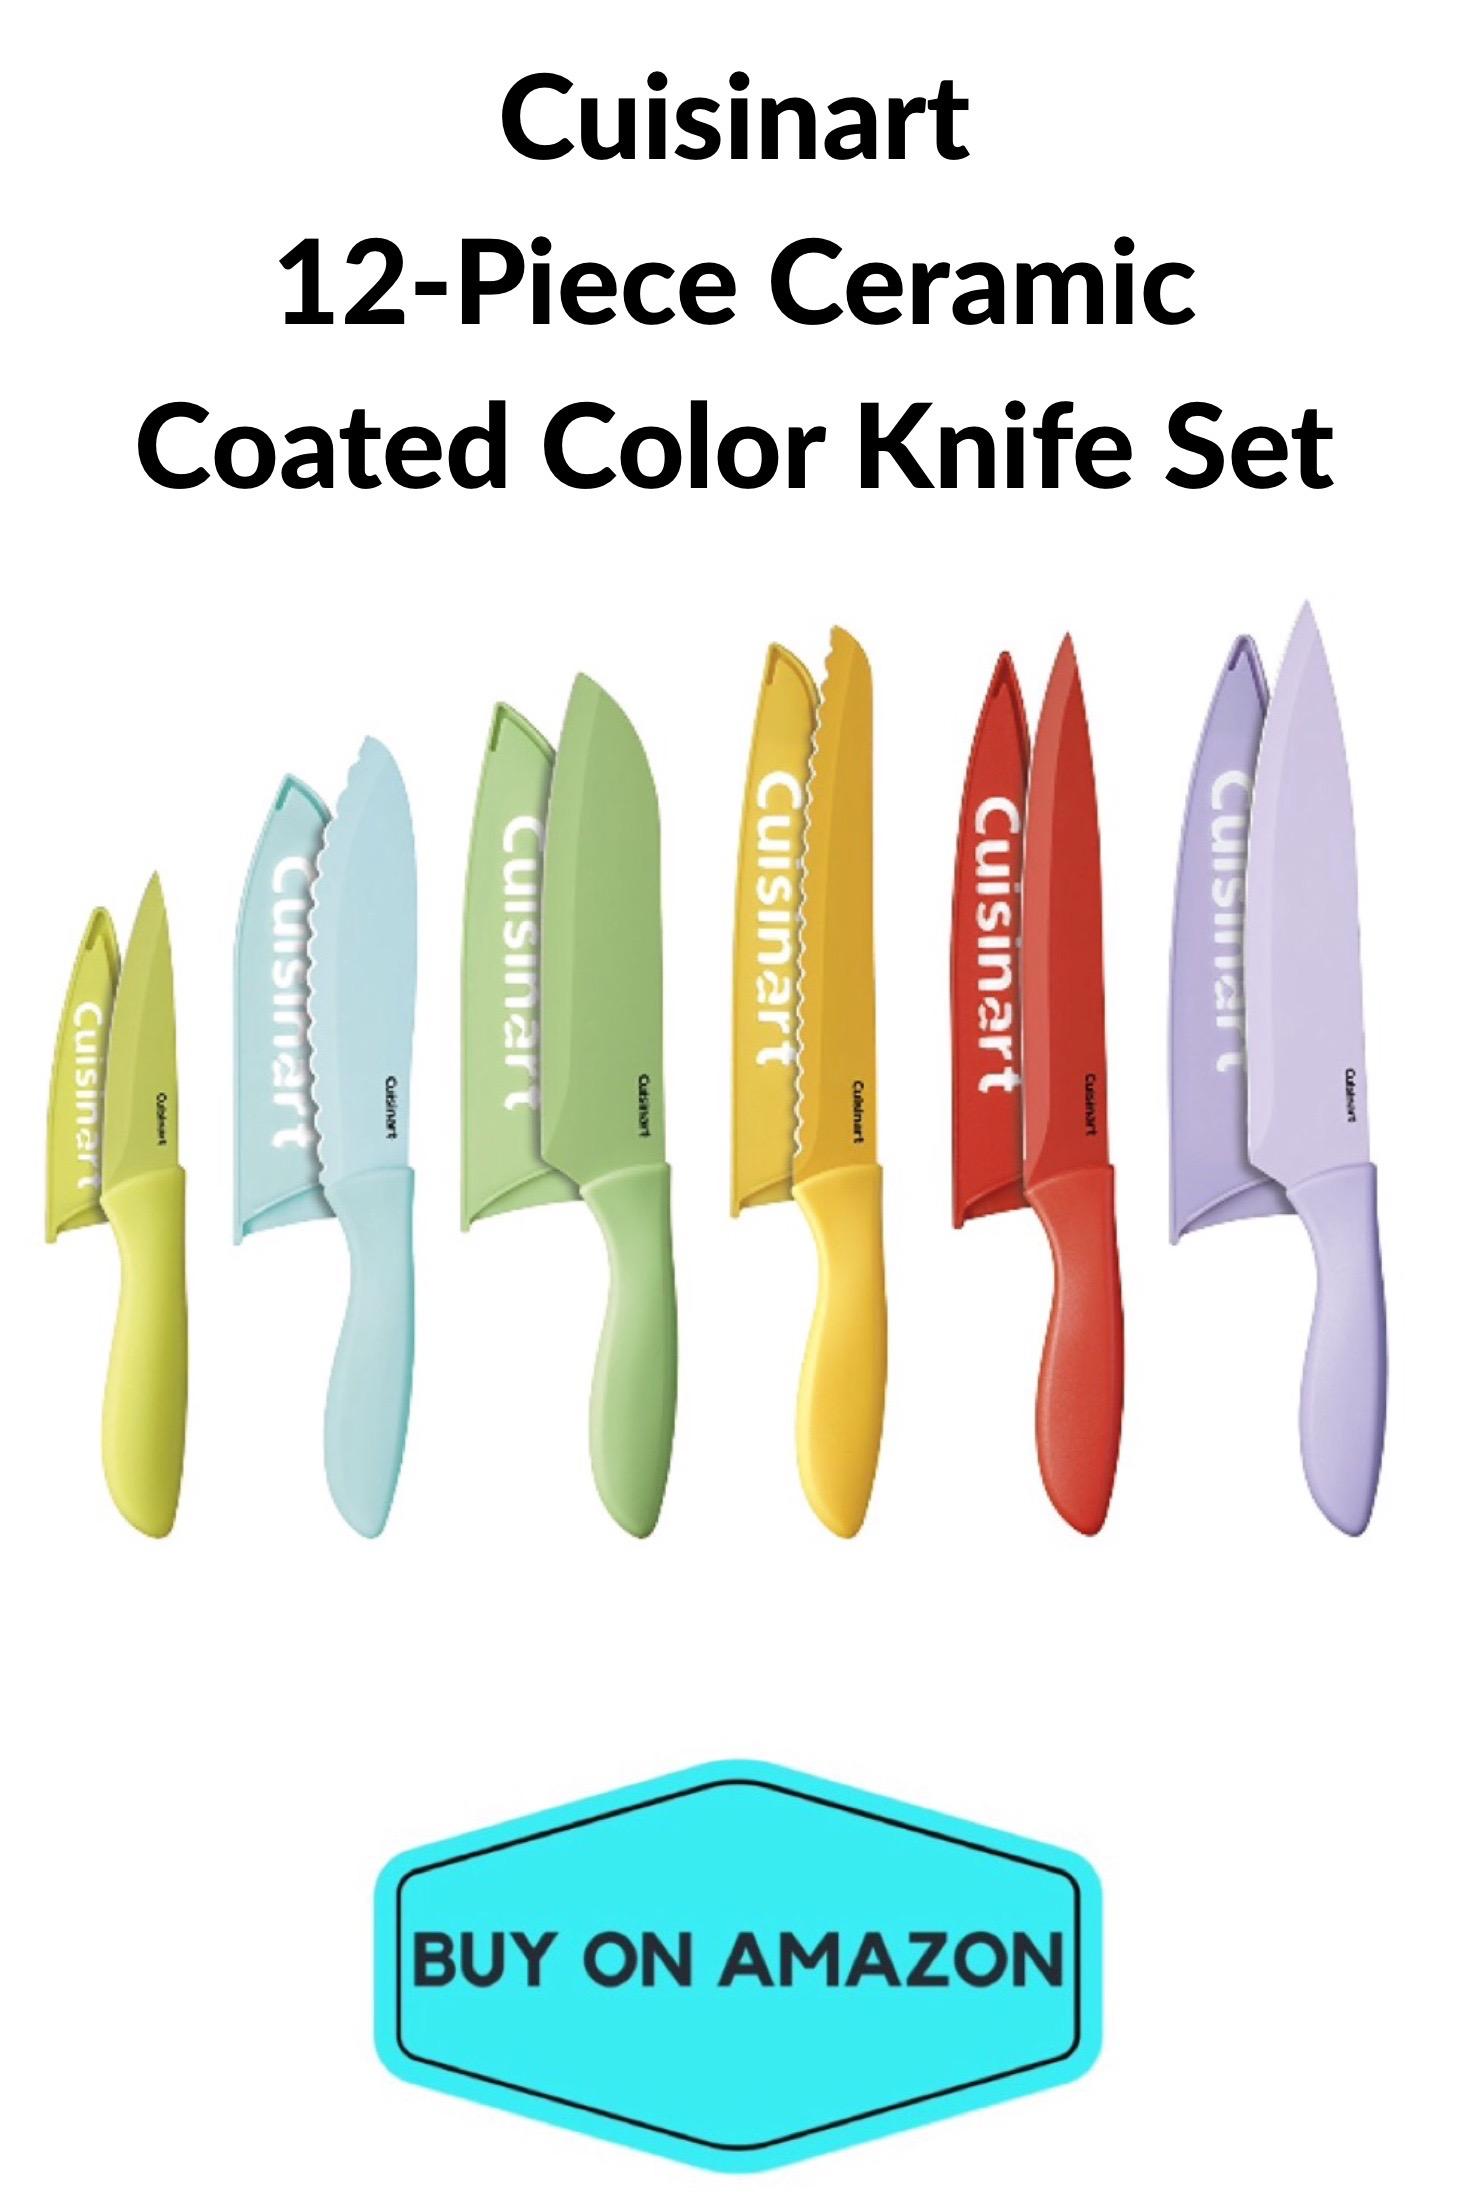 Cuisinart 12-Piece Ceramic Coated Color Knife Set